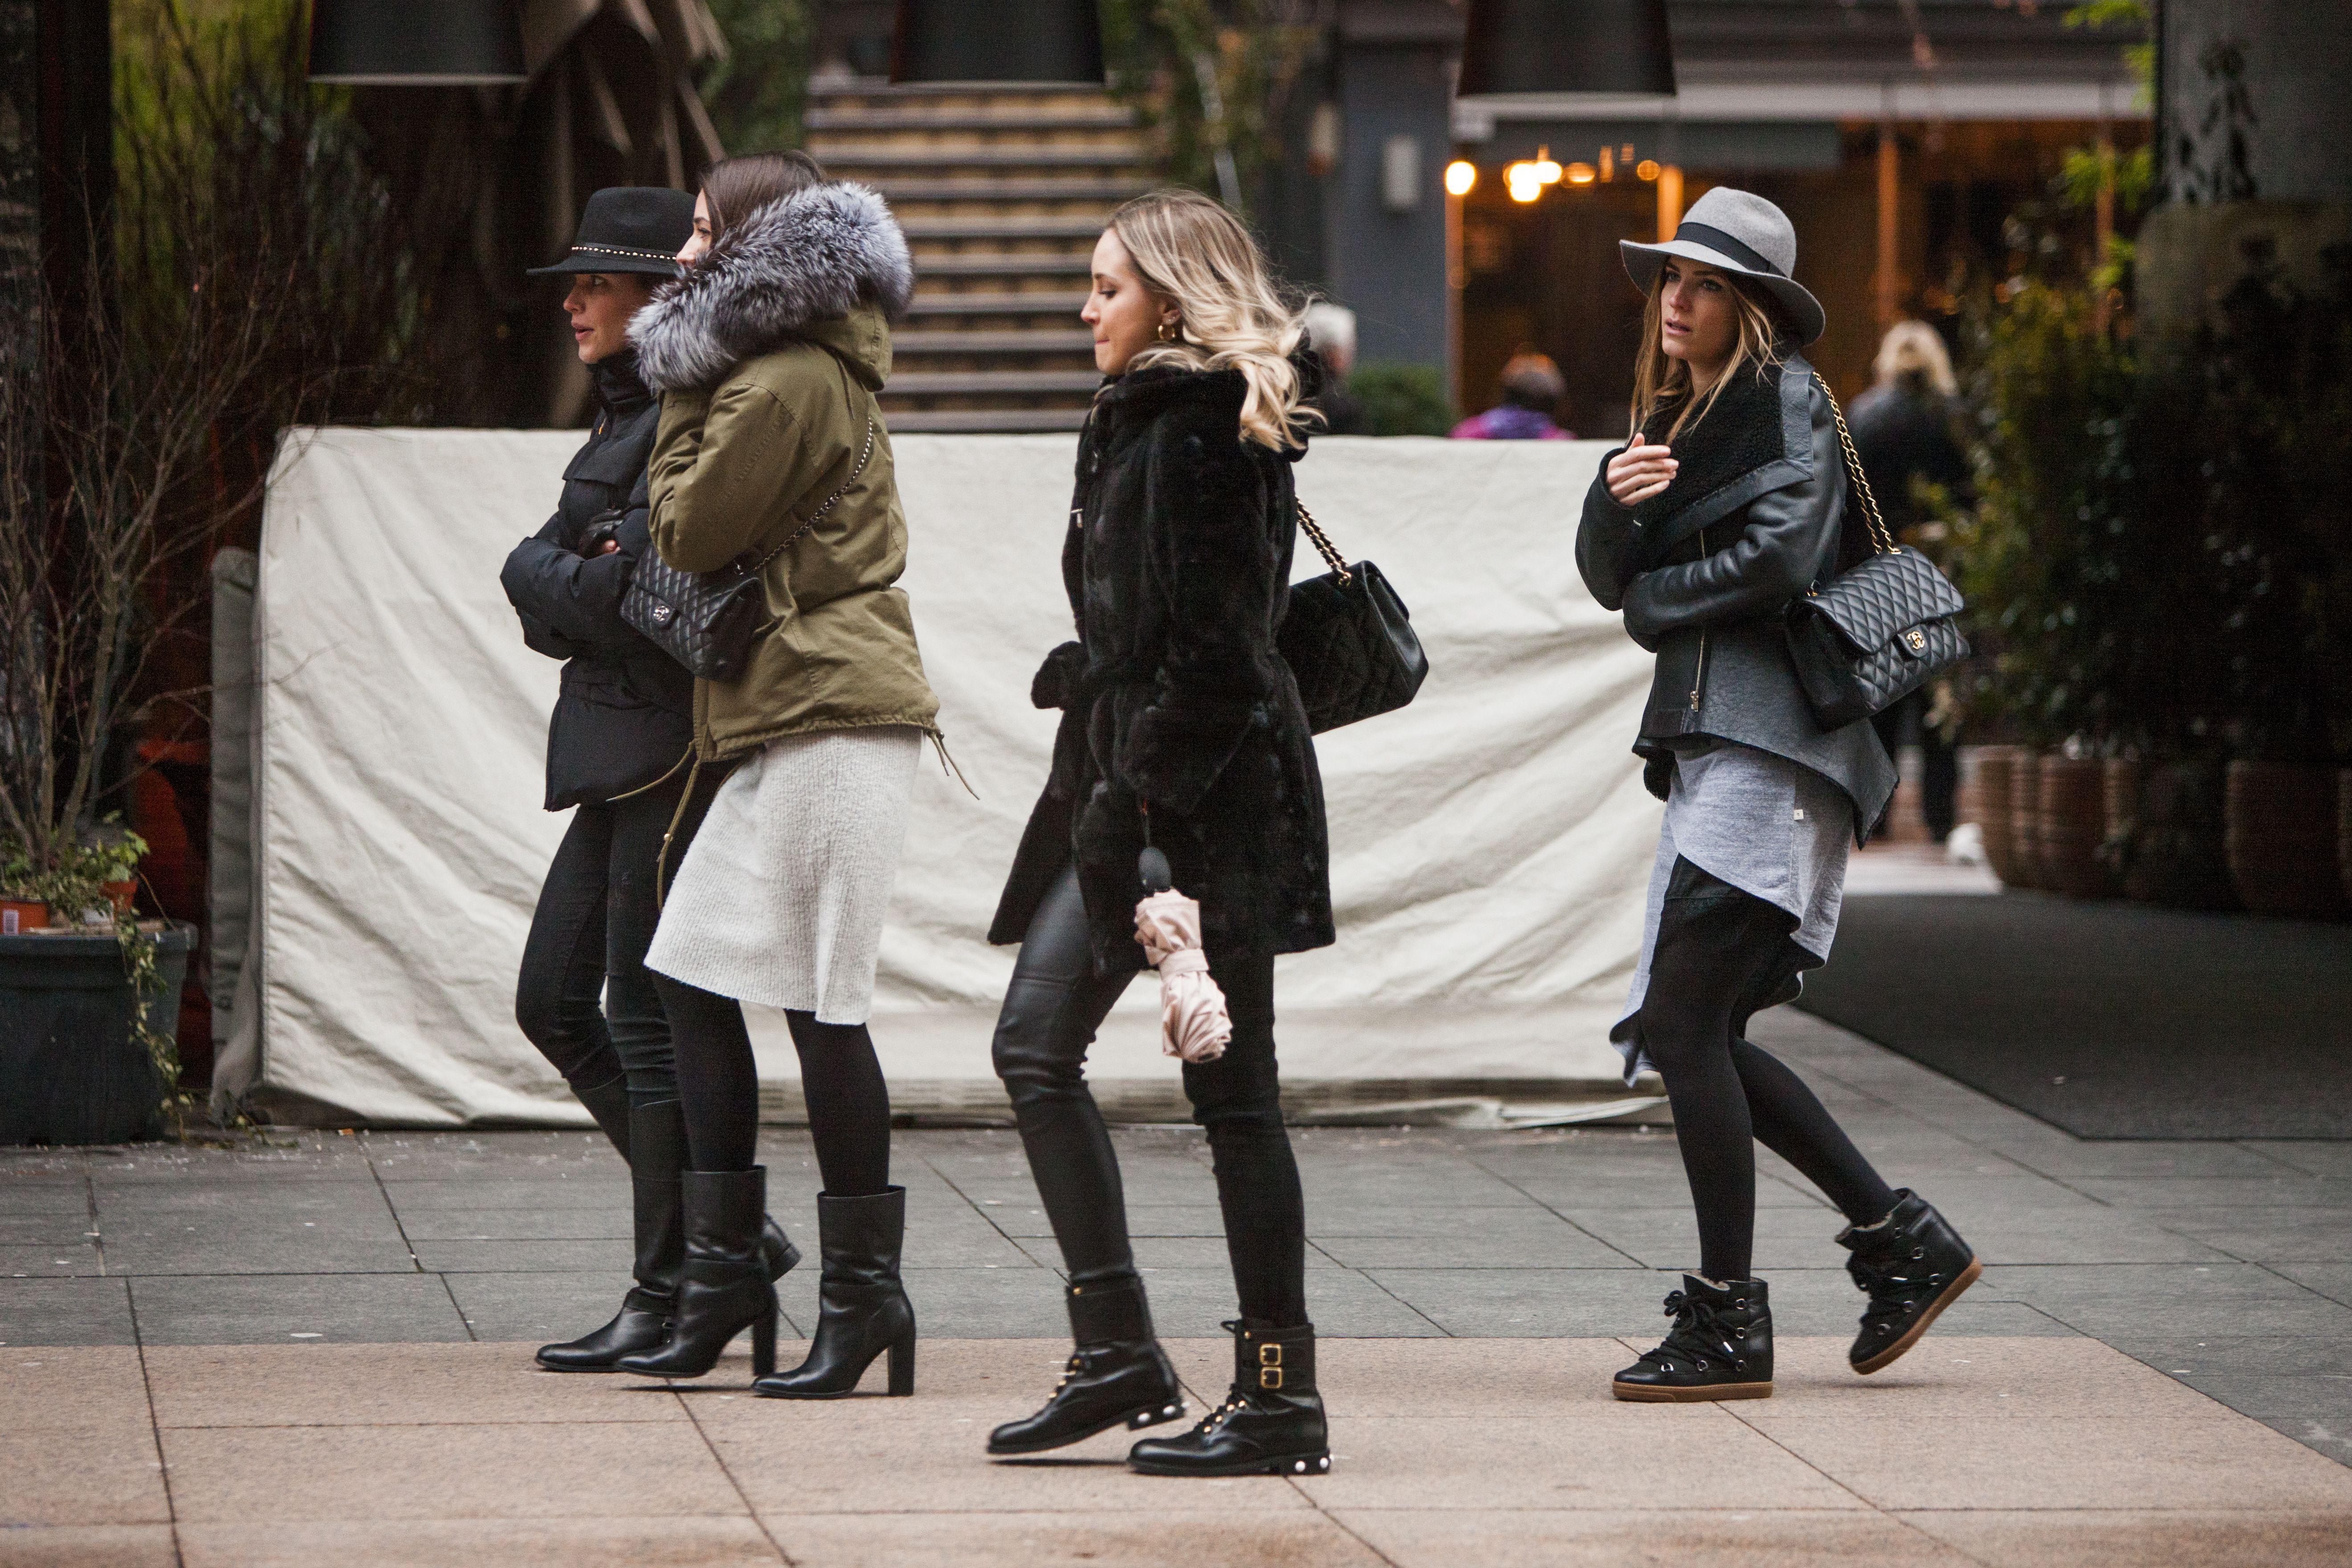 Možete li pogoditi što je zajedničko ovim trima ljepoticama iz centra grada?